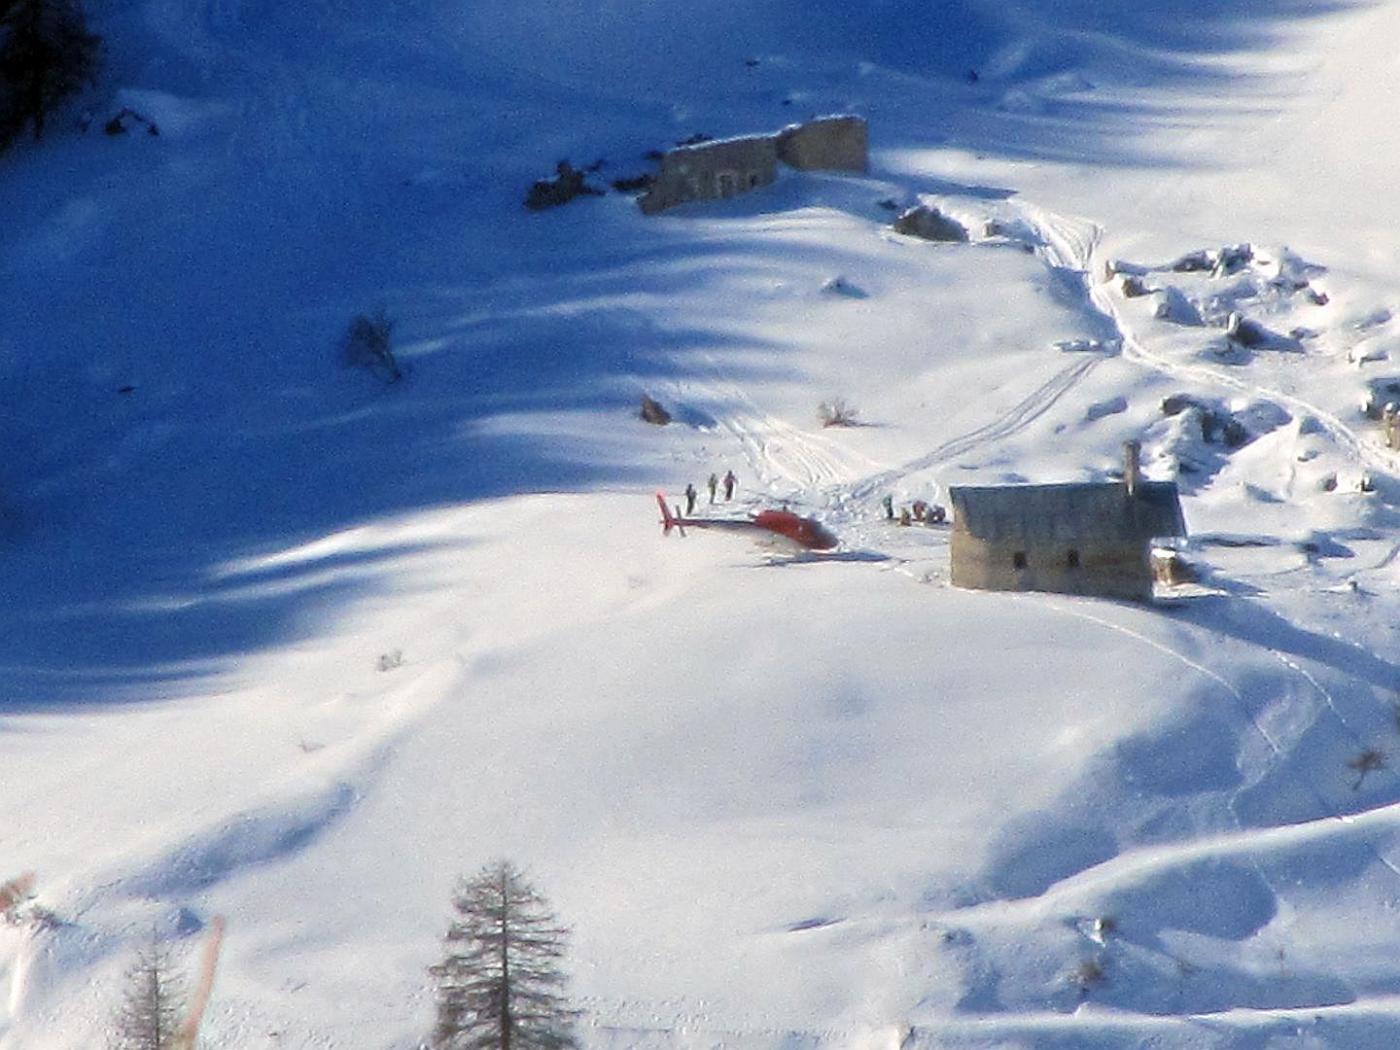 Soccorso alpino in soccorso allo Chabaud sul versante opposto della val di Thures